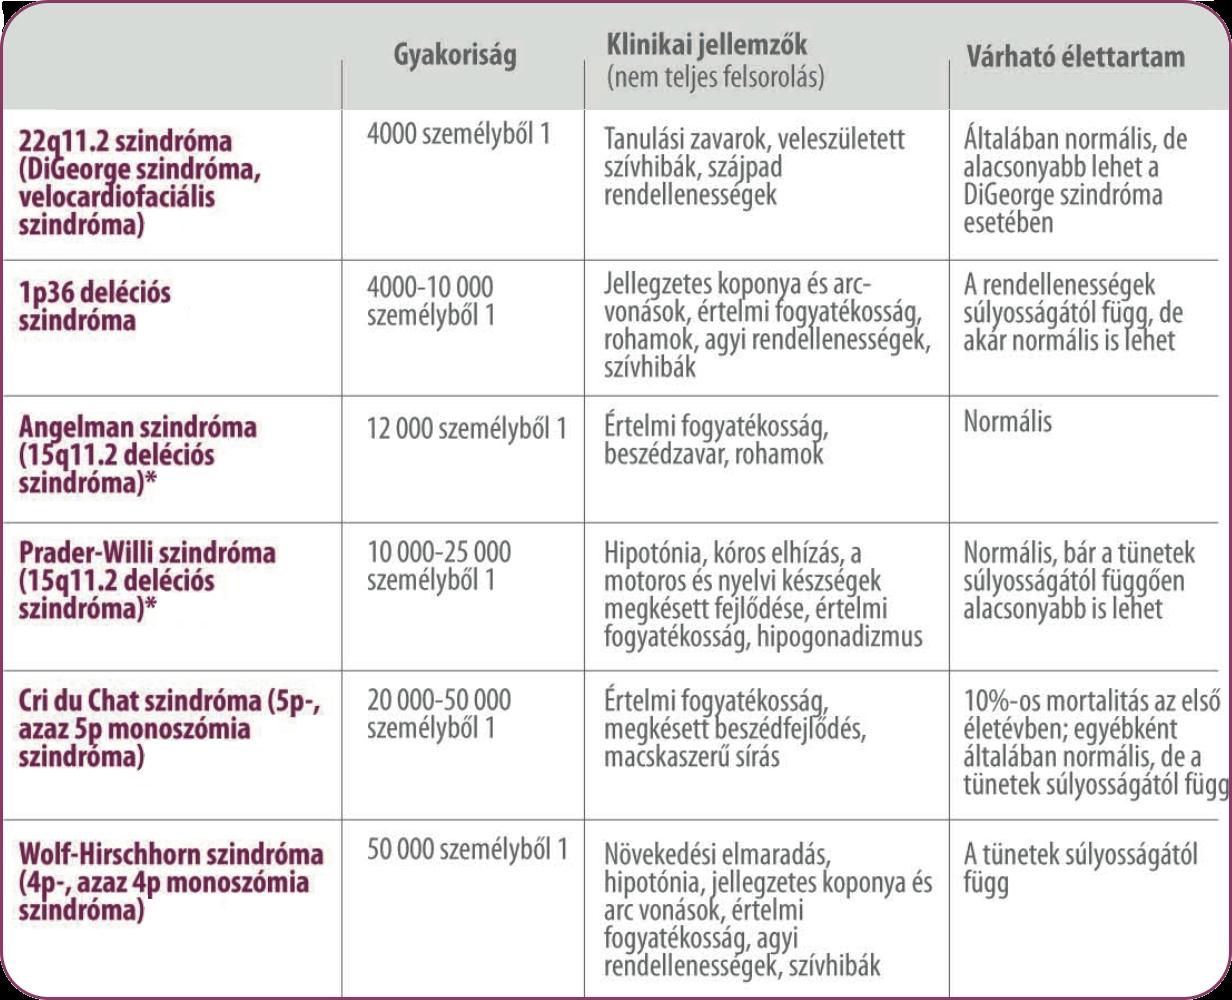 férgek megjelenésének tünetei felnőtteknél és a kezelés)